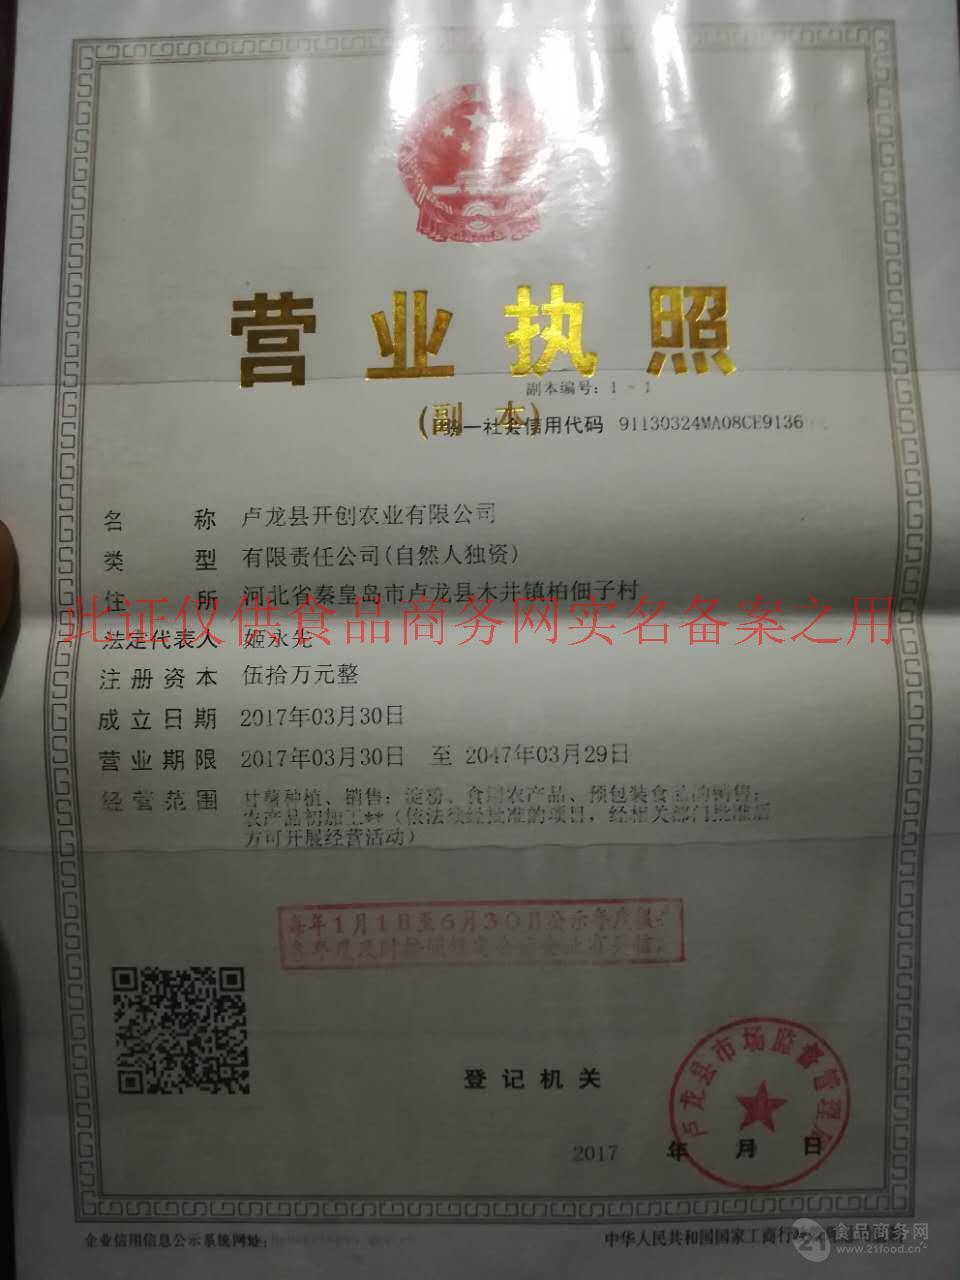 卢龙县开创农业有限公司